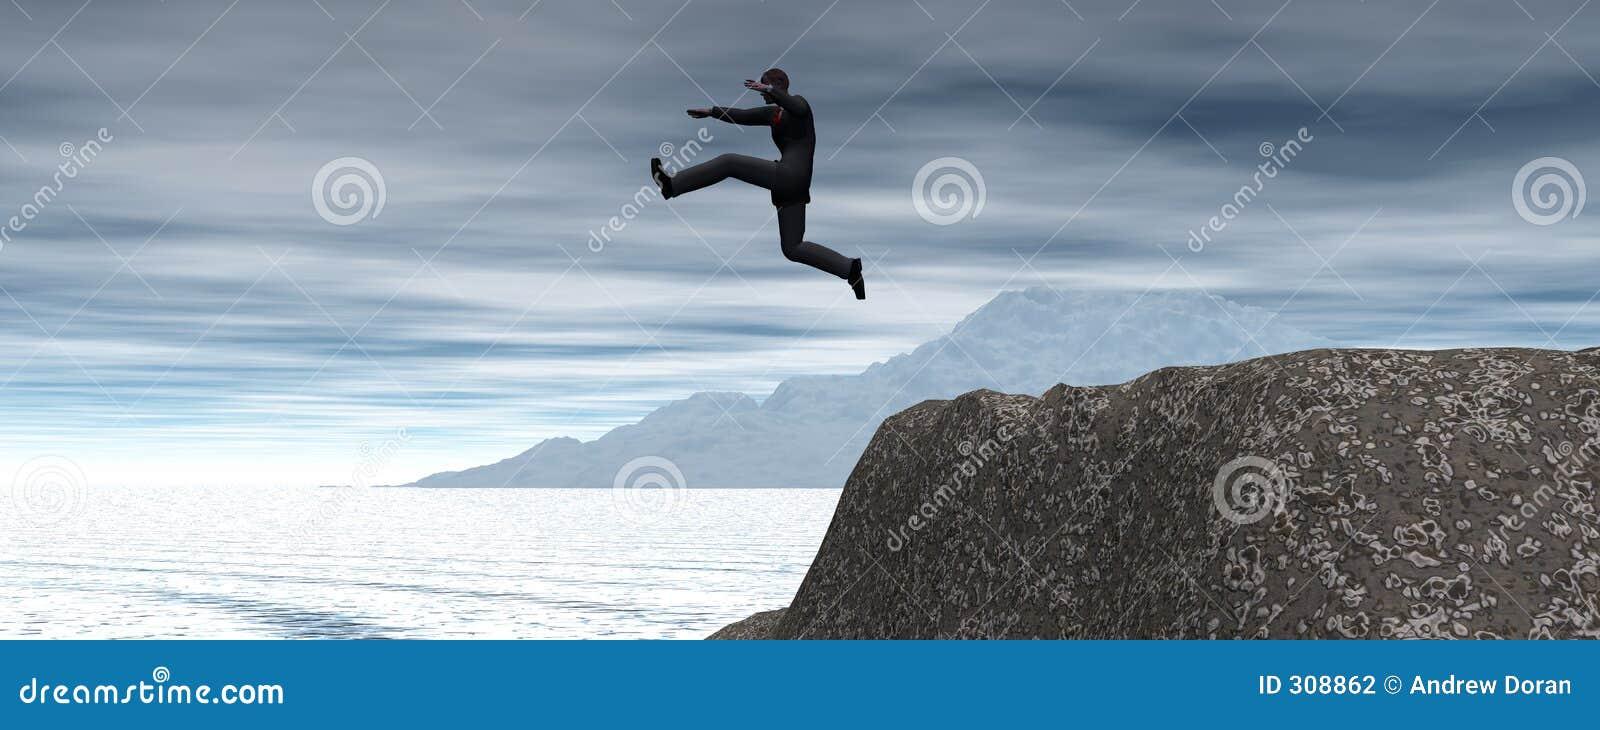 Olbrzymi skok